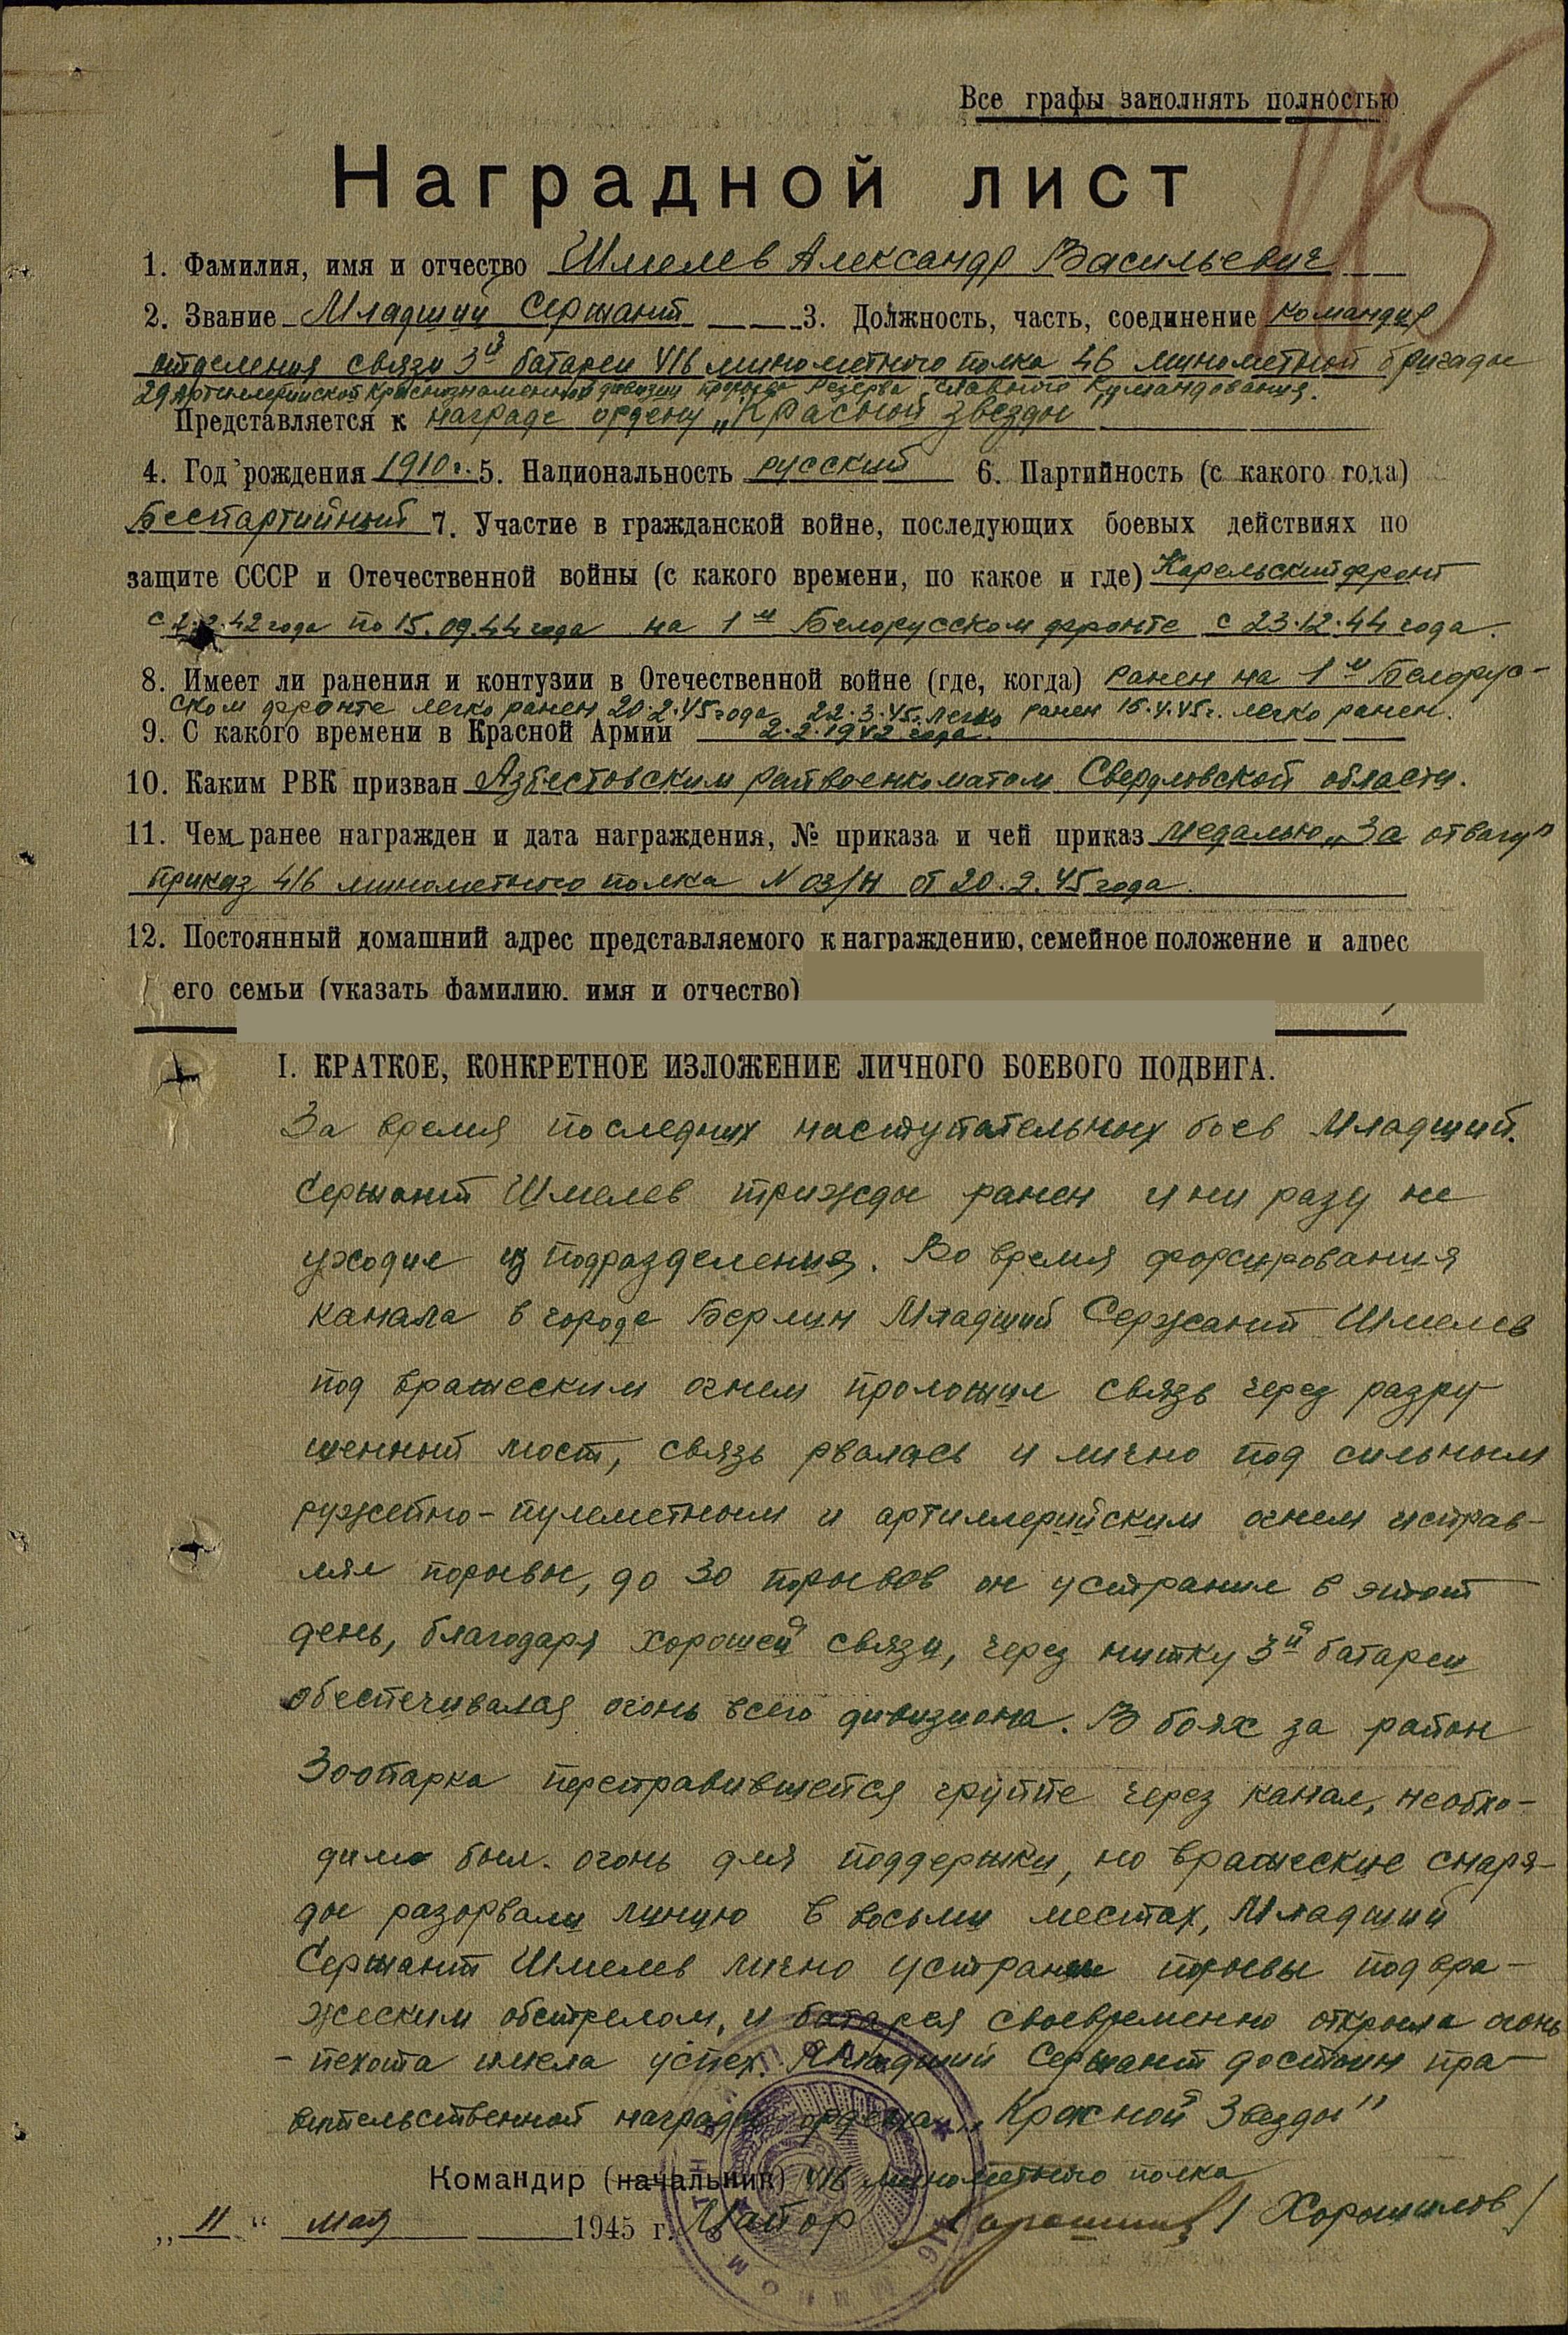 Наградной лист Шмелева Александра Васильевича орденом Красной Звезды